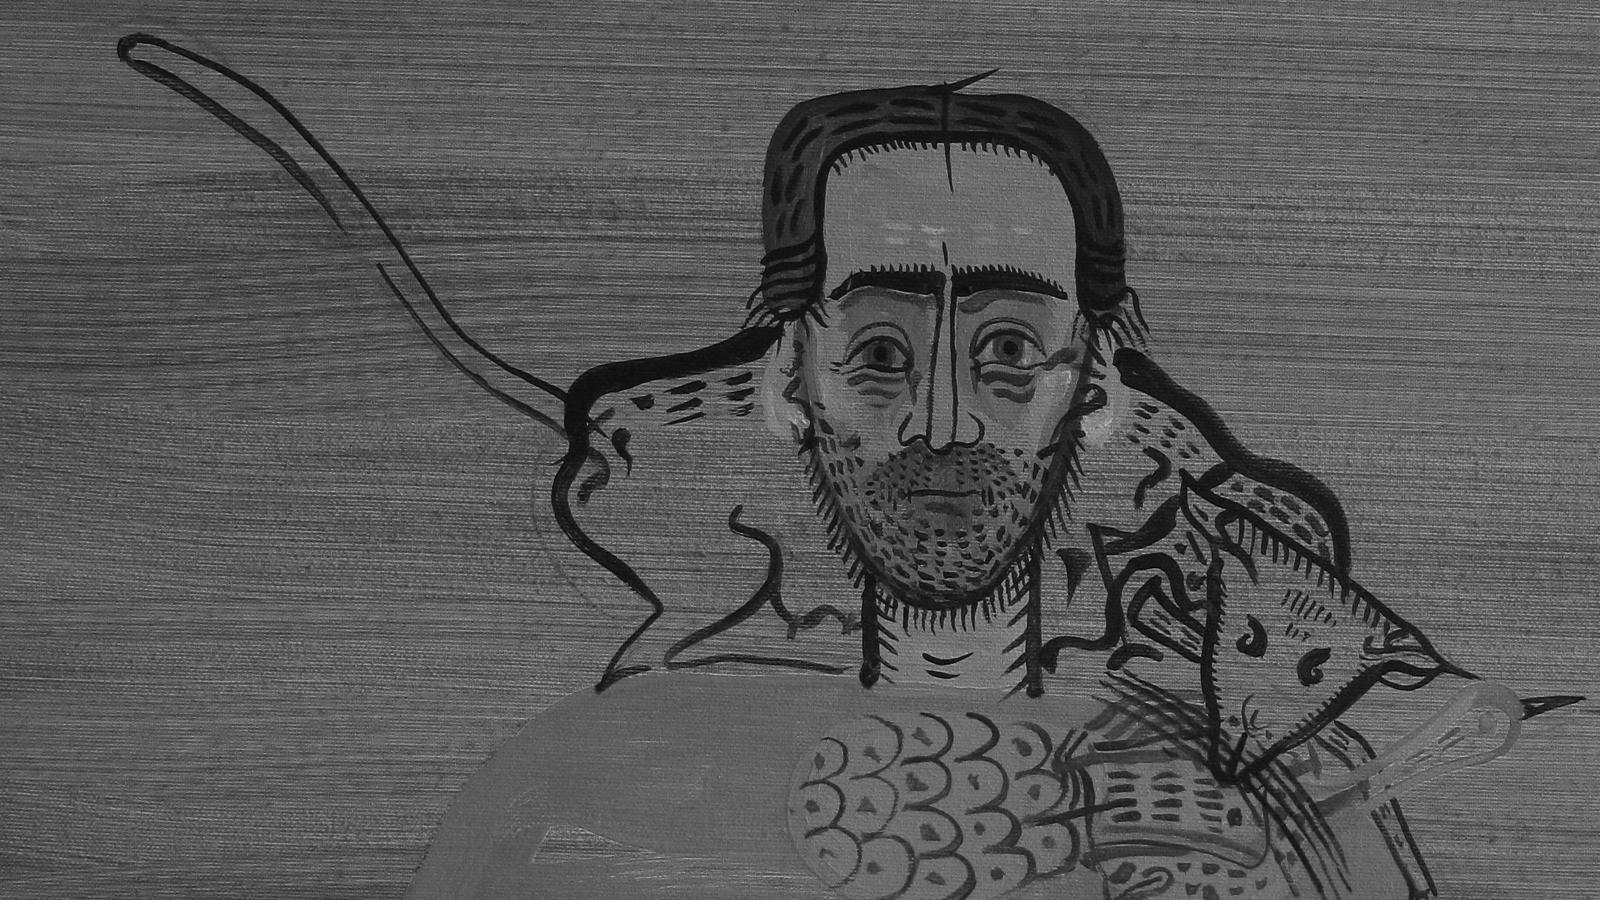 Pictură – Pictură în Acrilic pe Hârtie Perioadă 2015